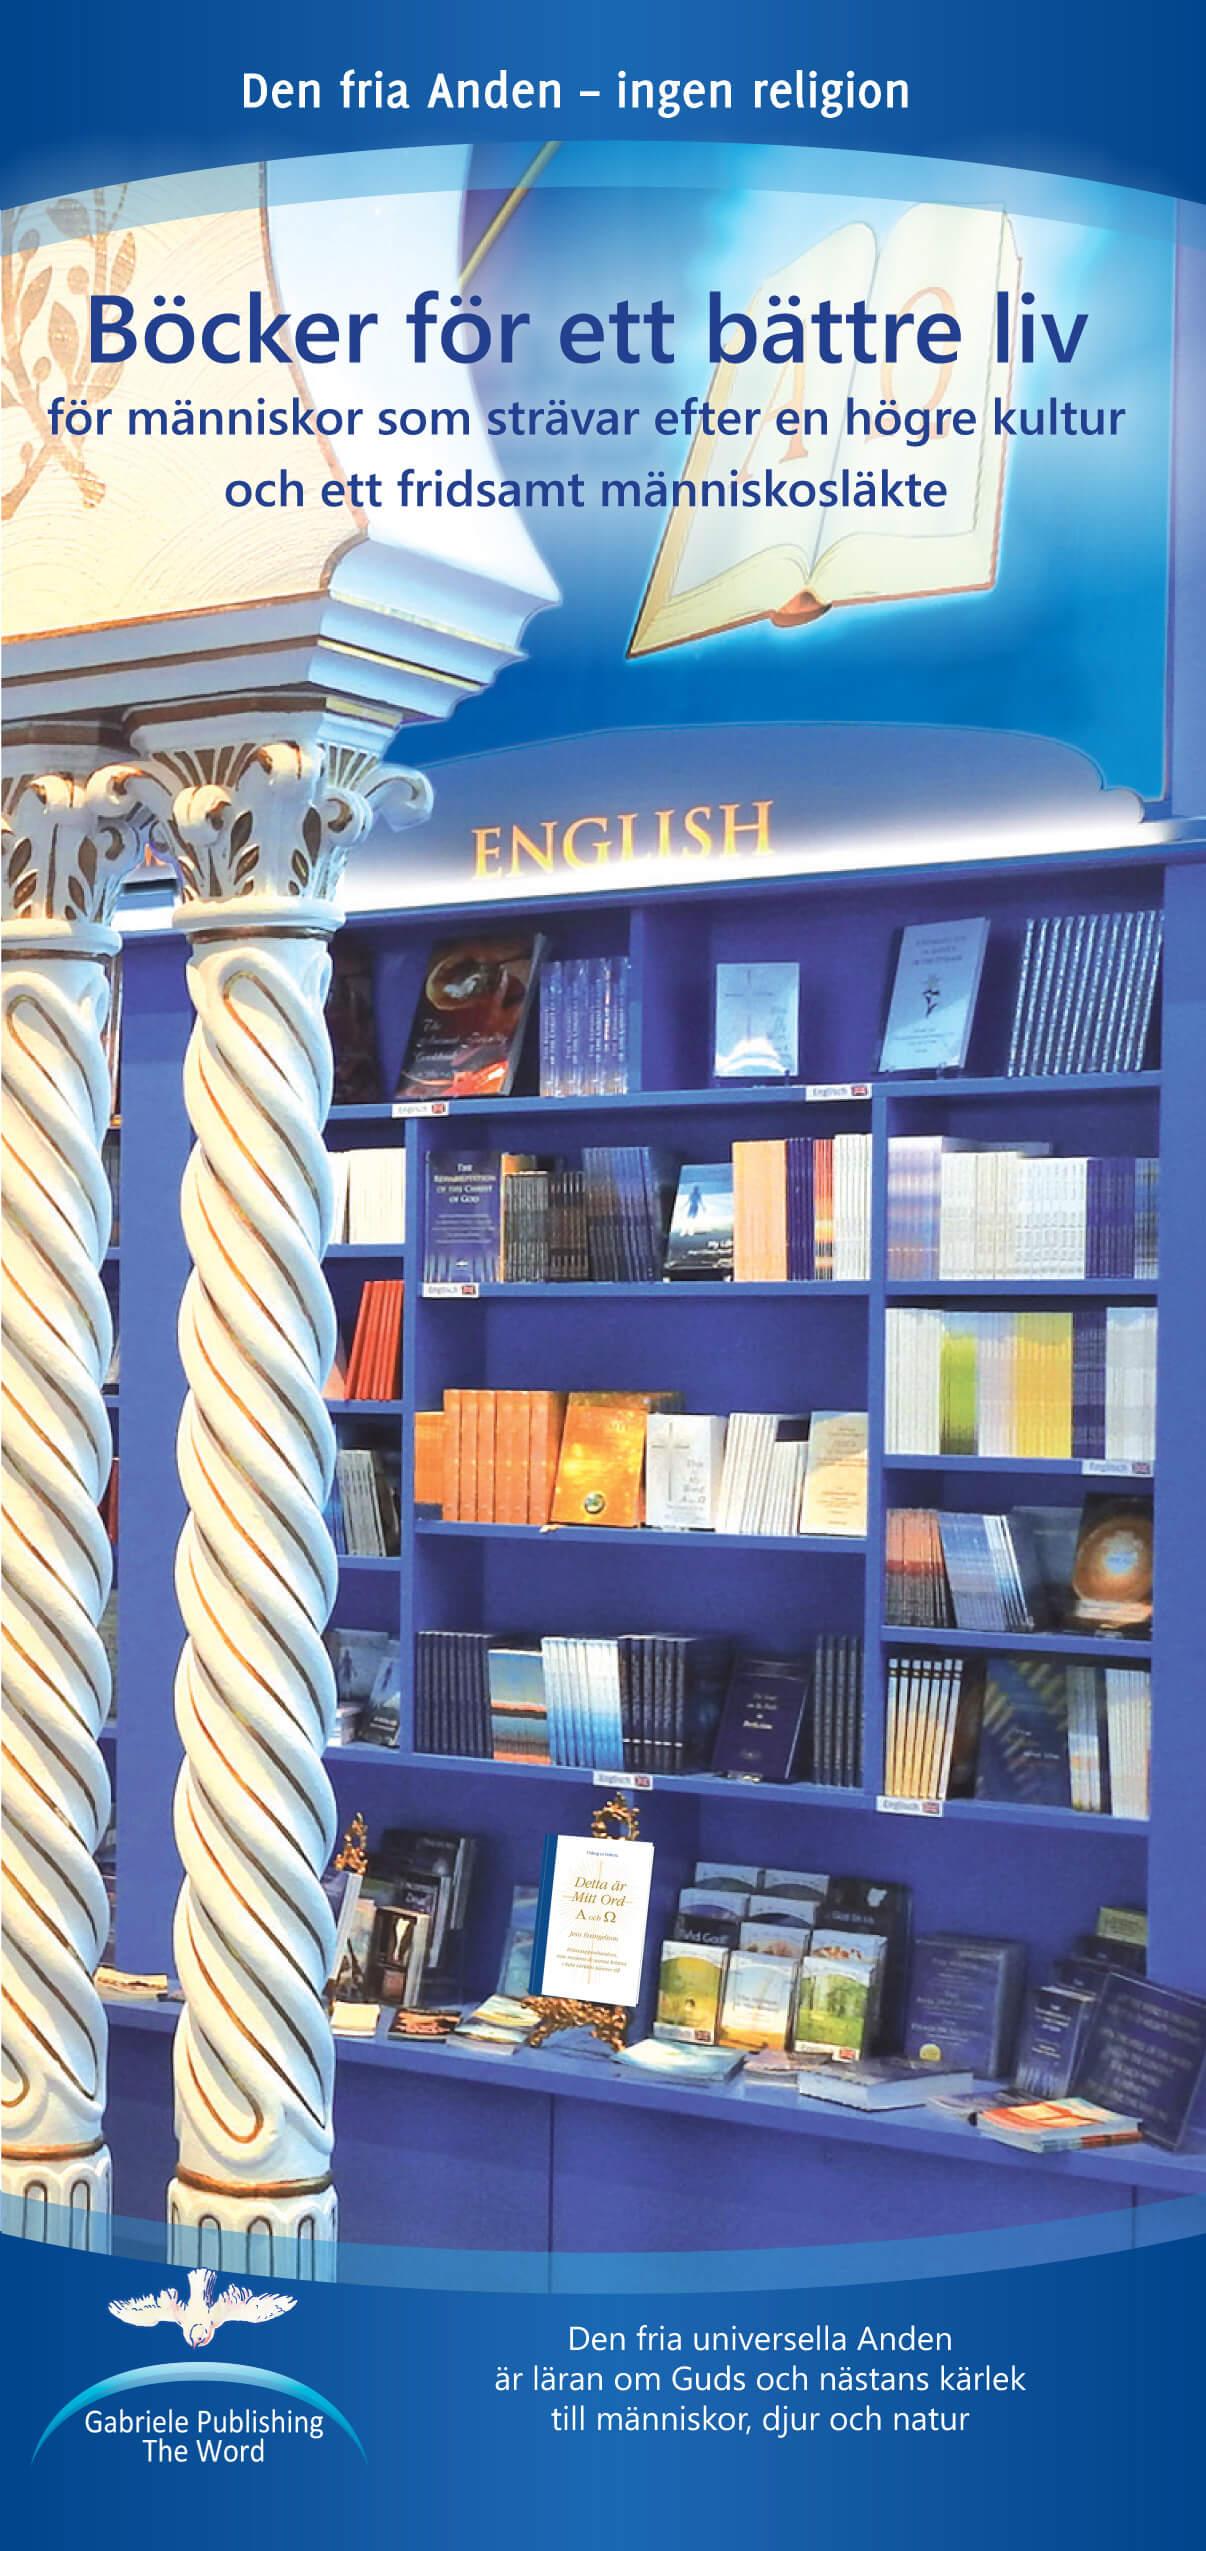 Bokförteckning - Böcker för livet, för en högre kultur och ett fridsamt människosläkte